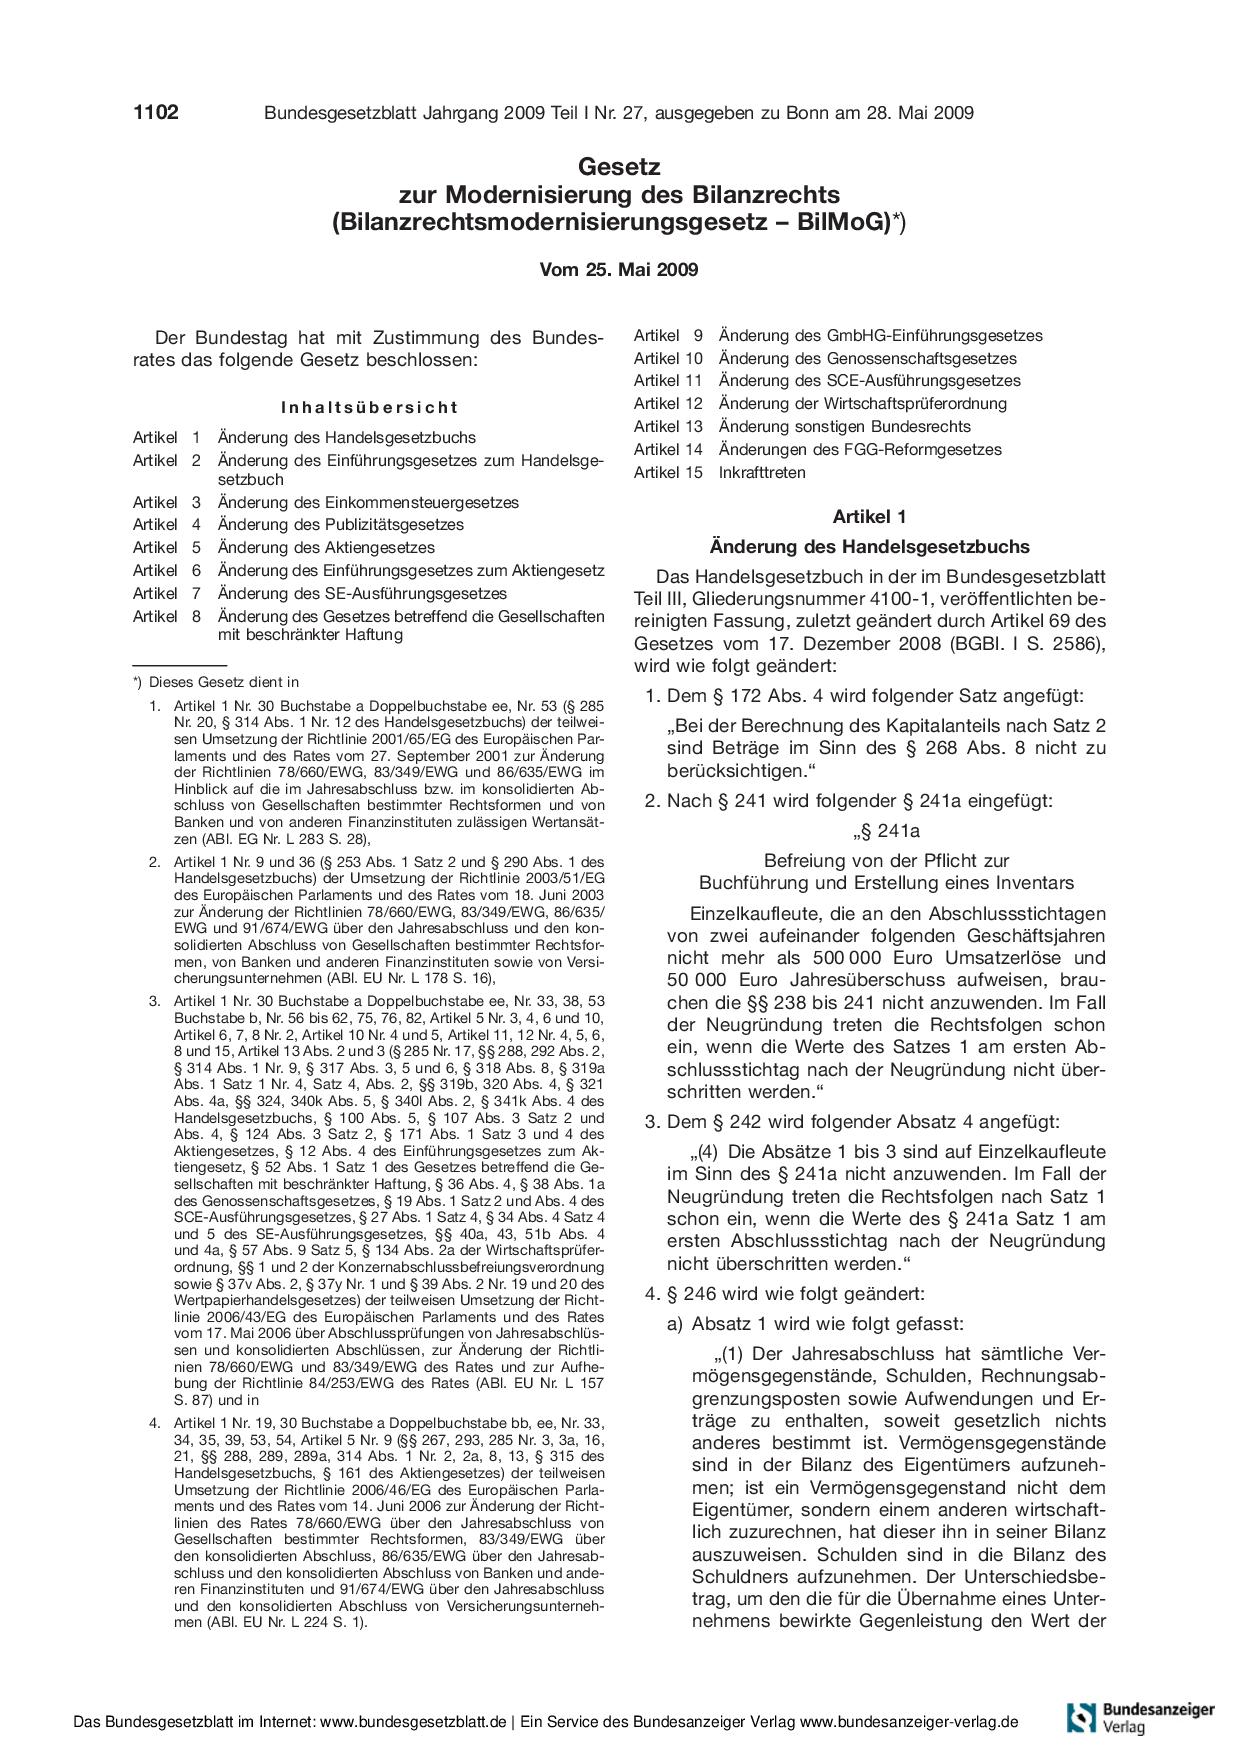 Bilanzrechtsmodernisierungsgesetz (BilMoG) PDF